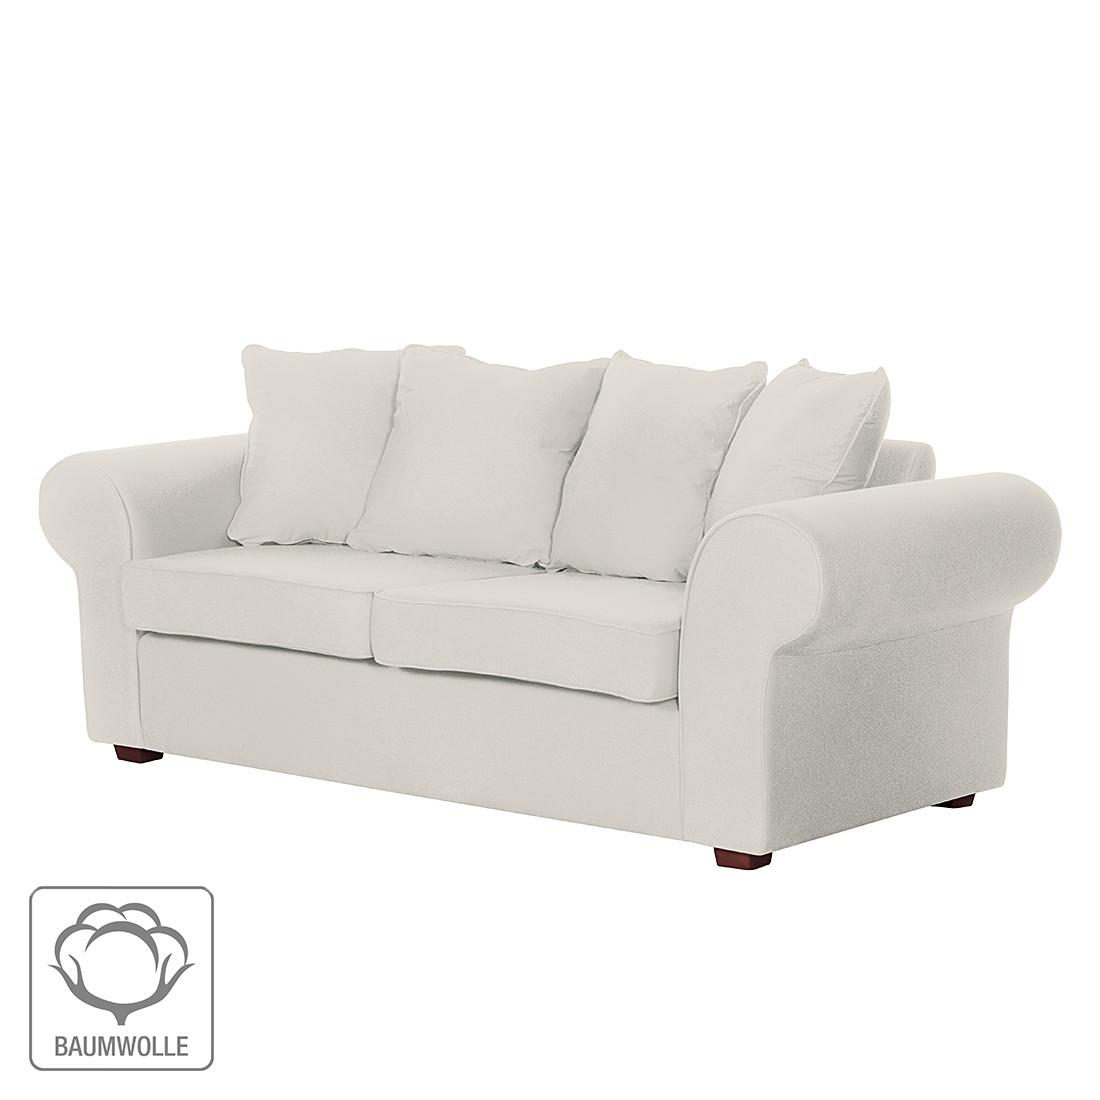 Sofa Colmar (3-Sitzer) – Baumwollstoff Beige, Jack & Alice günstig online kaufen